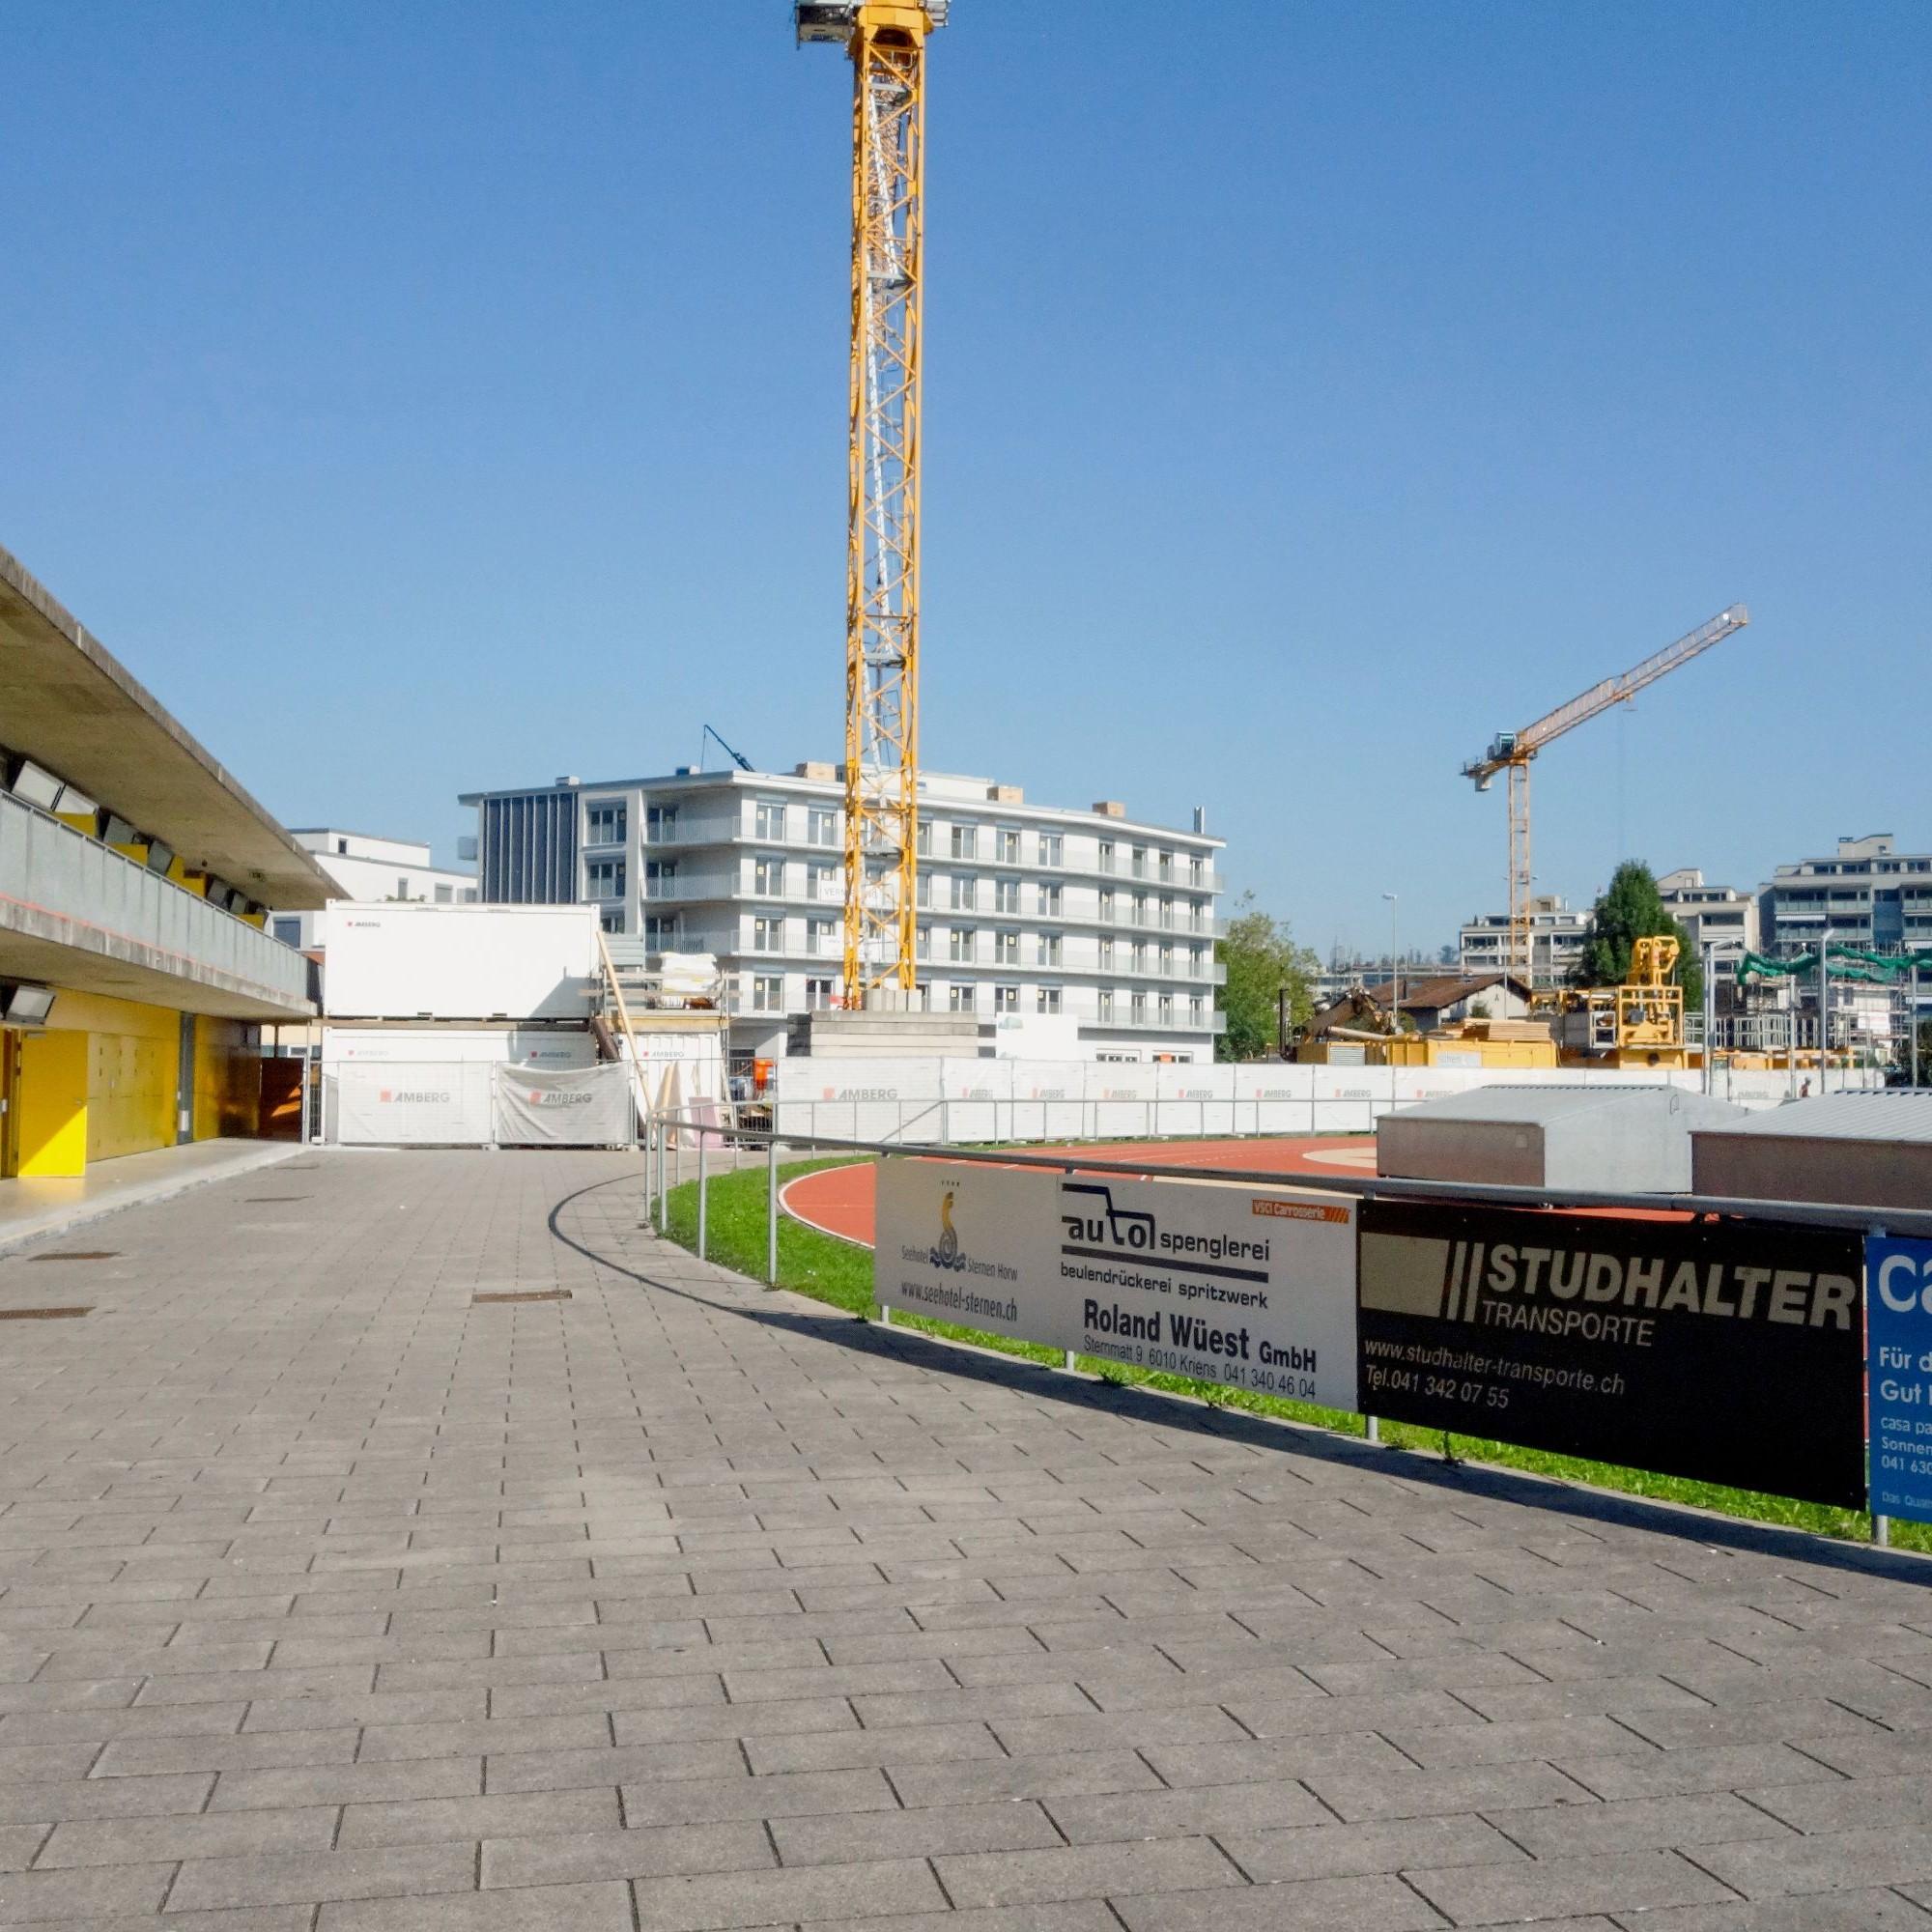 Die Energiezentrale befindet sich gleich hinter dem Fussballplatz in der Horwer Bucht.